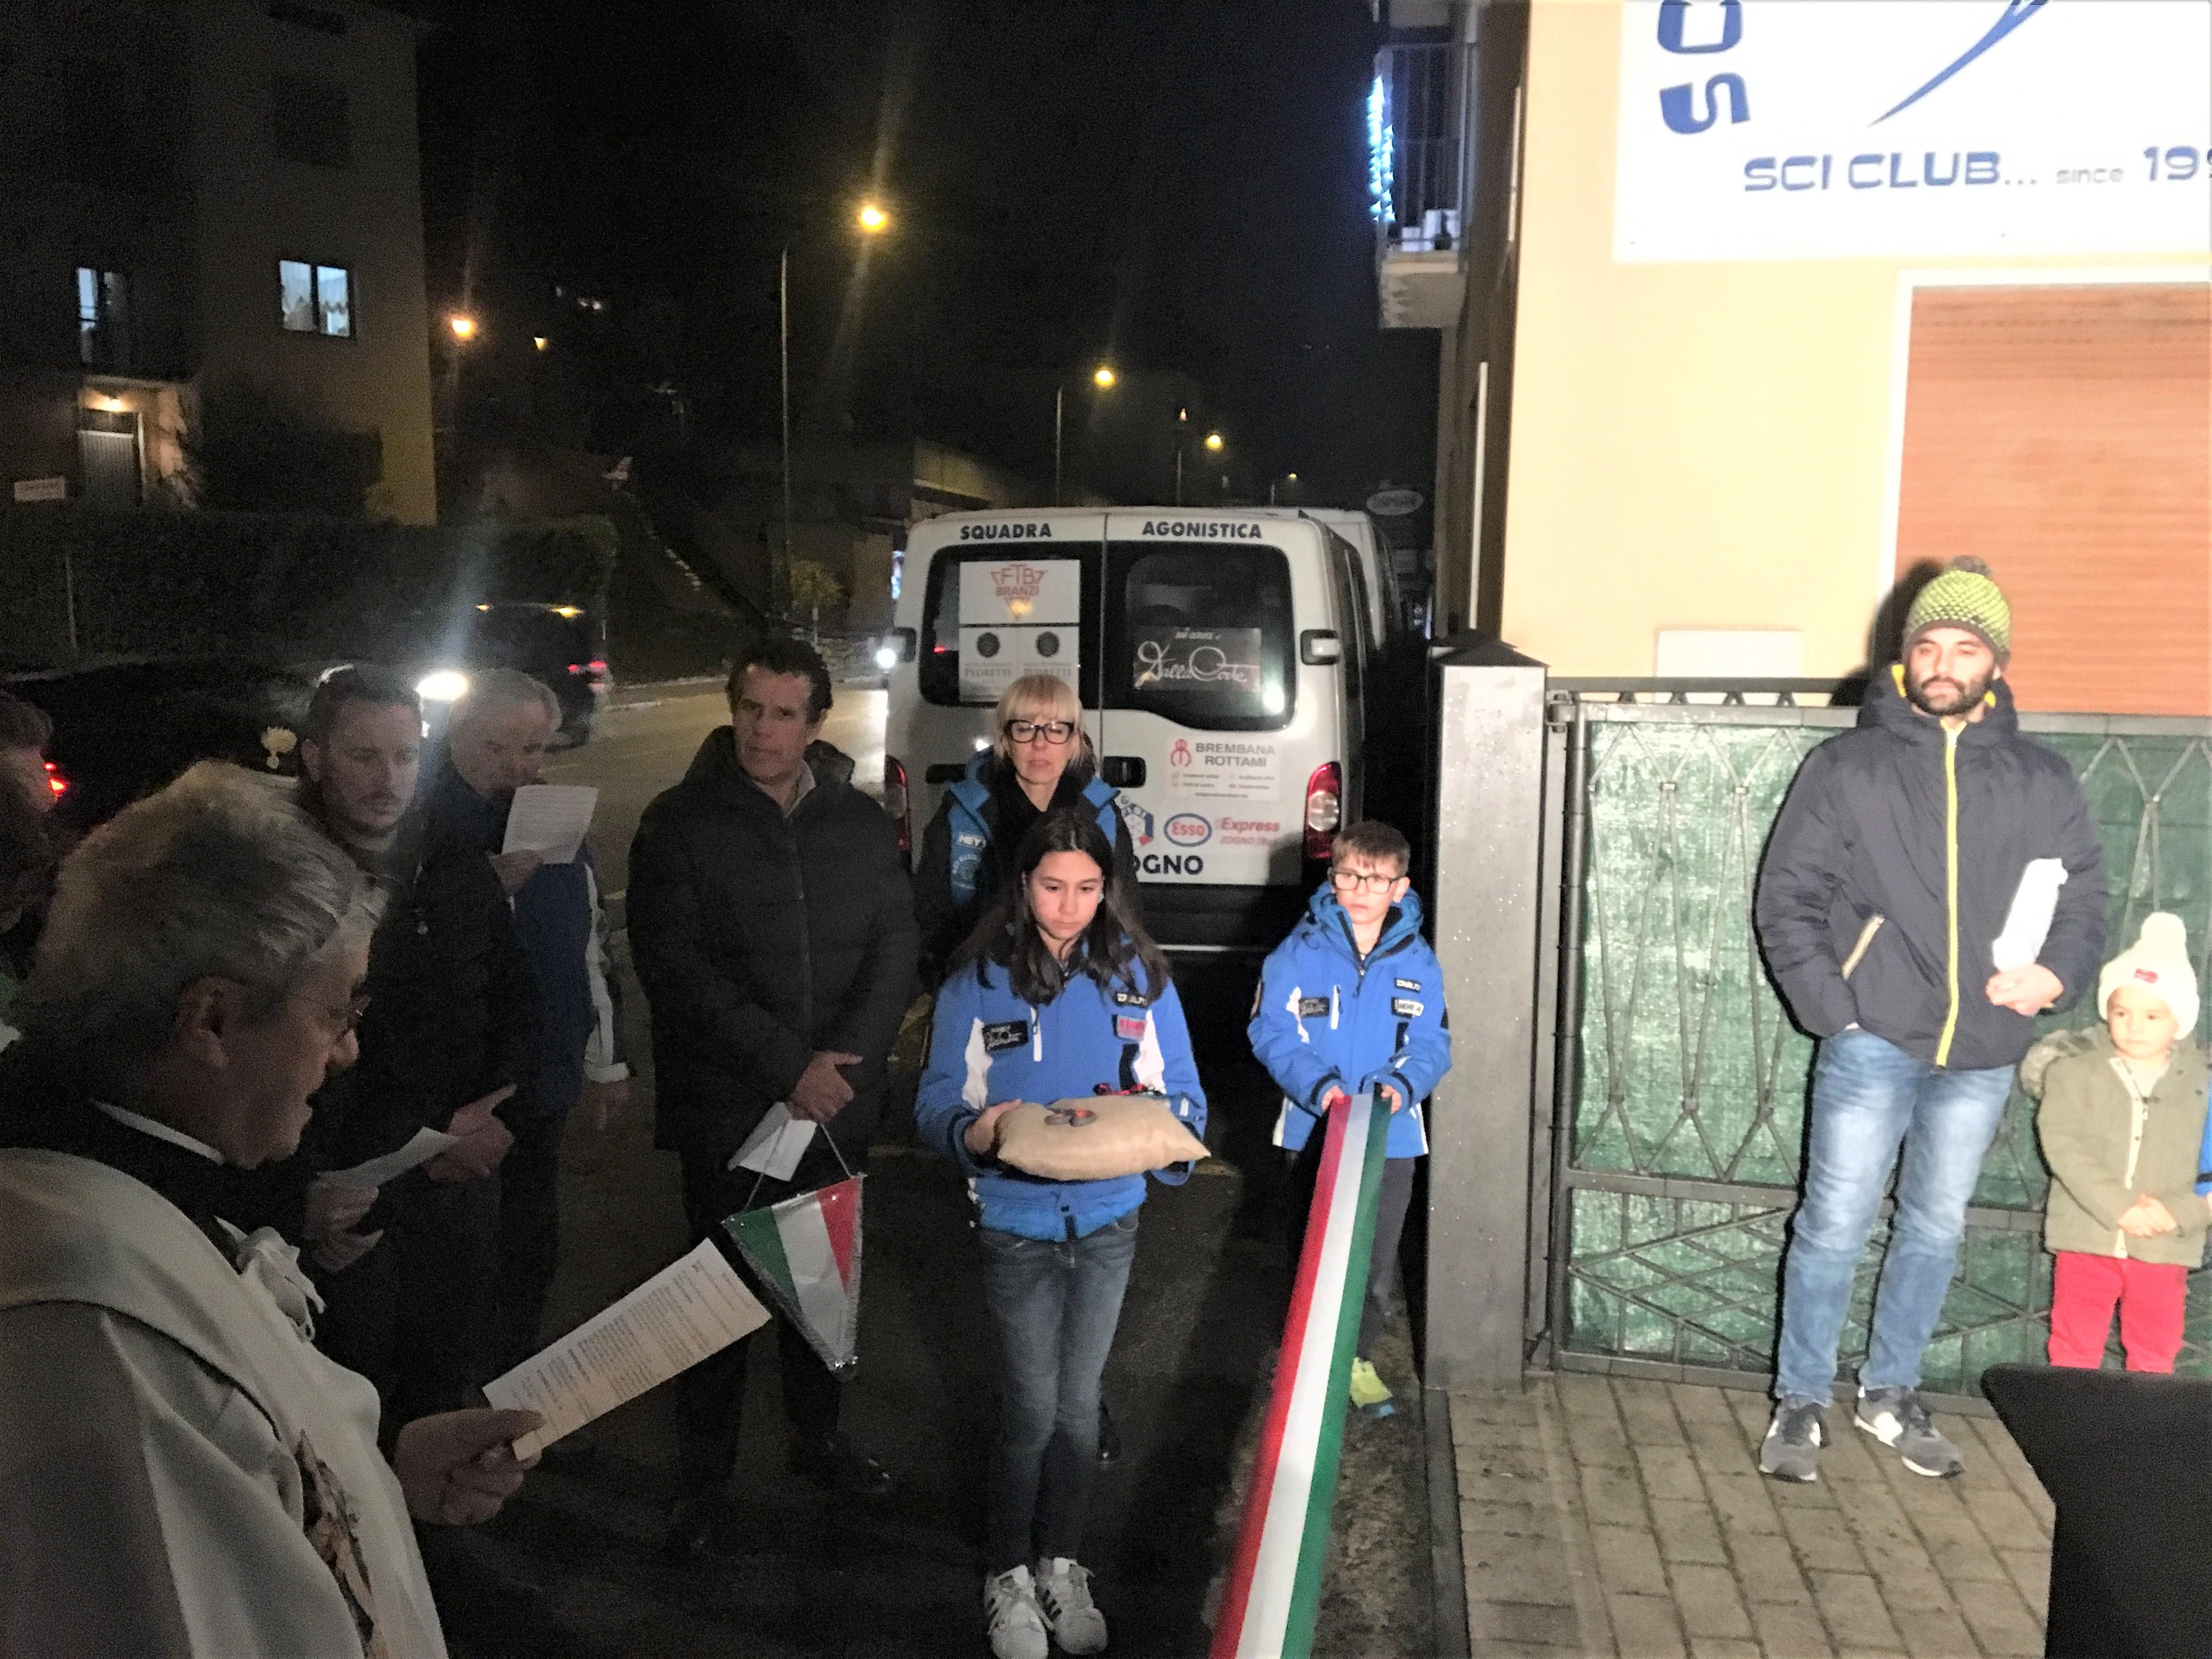 20.12.2018 - Inaugurazione Sede Sci club Zogno (6)